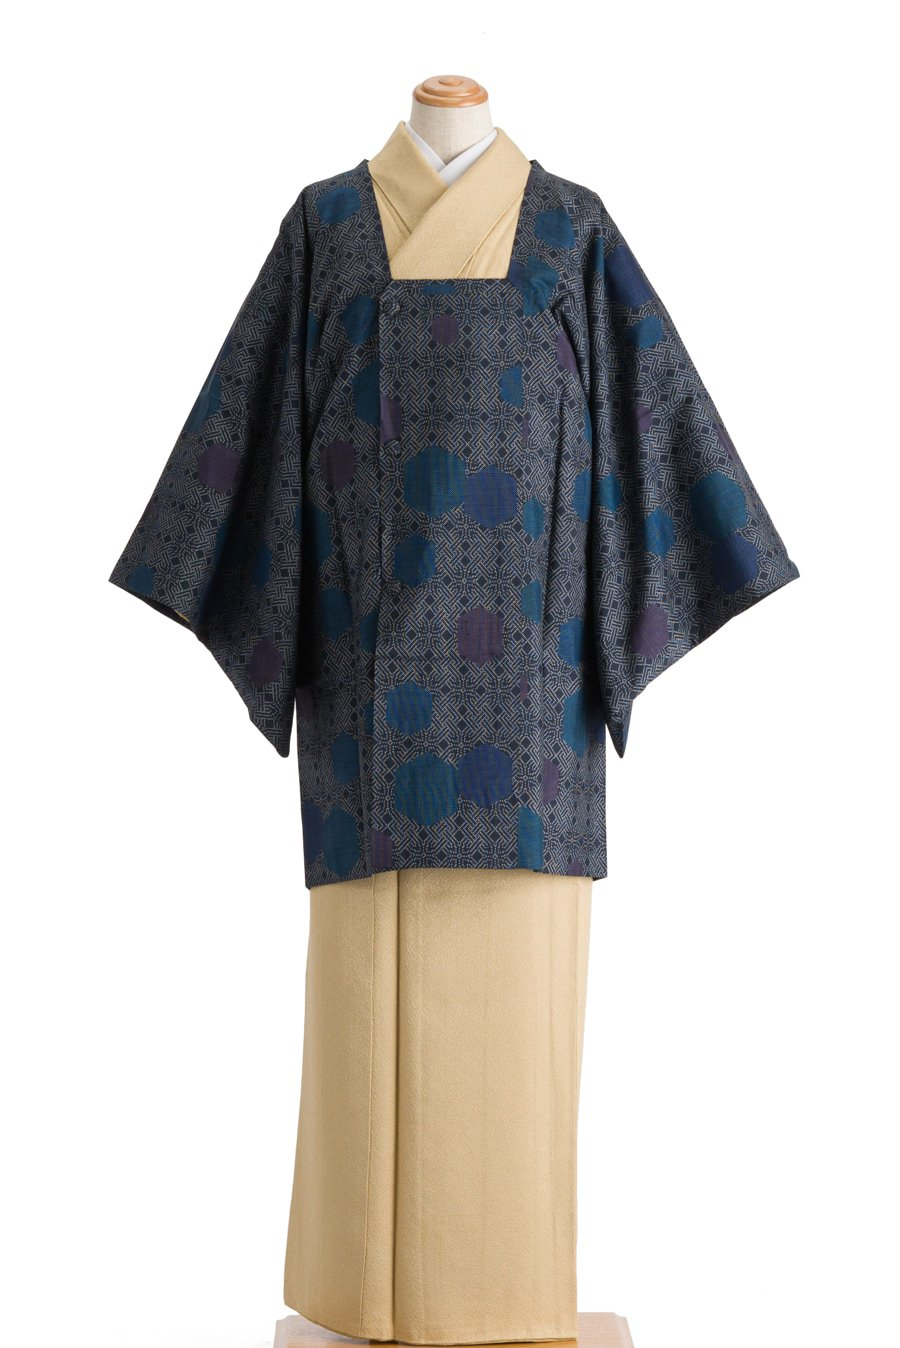 「大島紬 道行コート」の商品画像